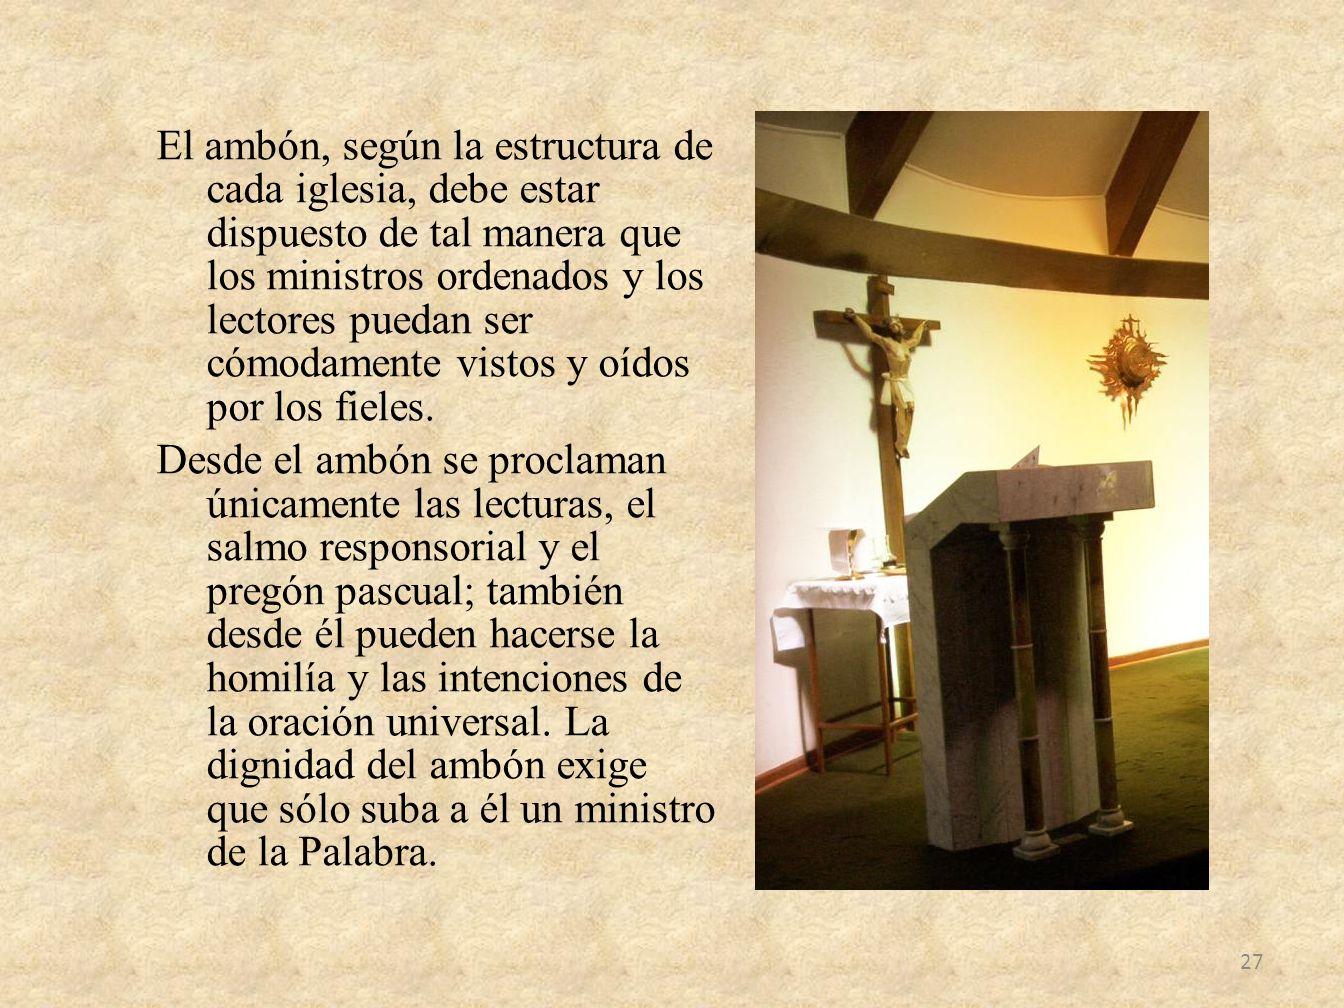 El ambón, según la estructura de cada iglesia, debe estar dispuesto de tal manera que los ministros ordenados y los lectores puedan ser cómodamente vistos y oídos por los fieles.